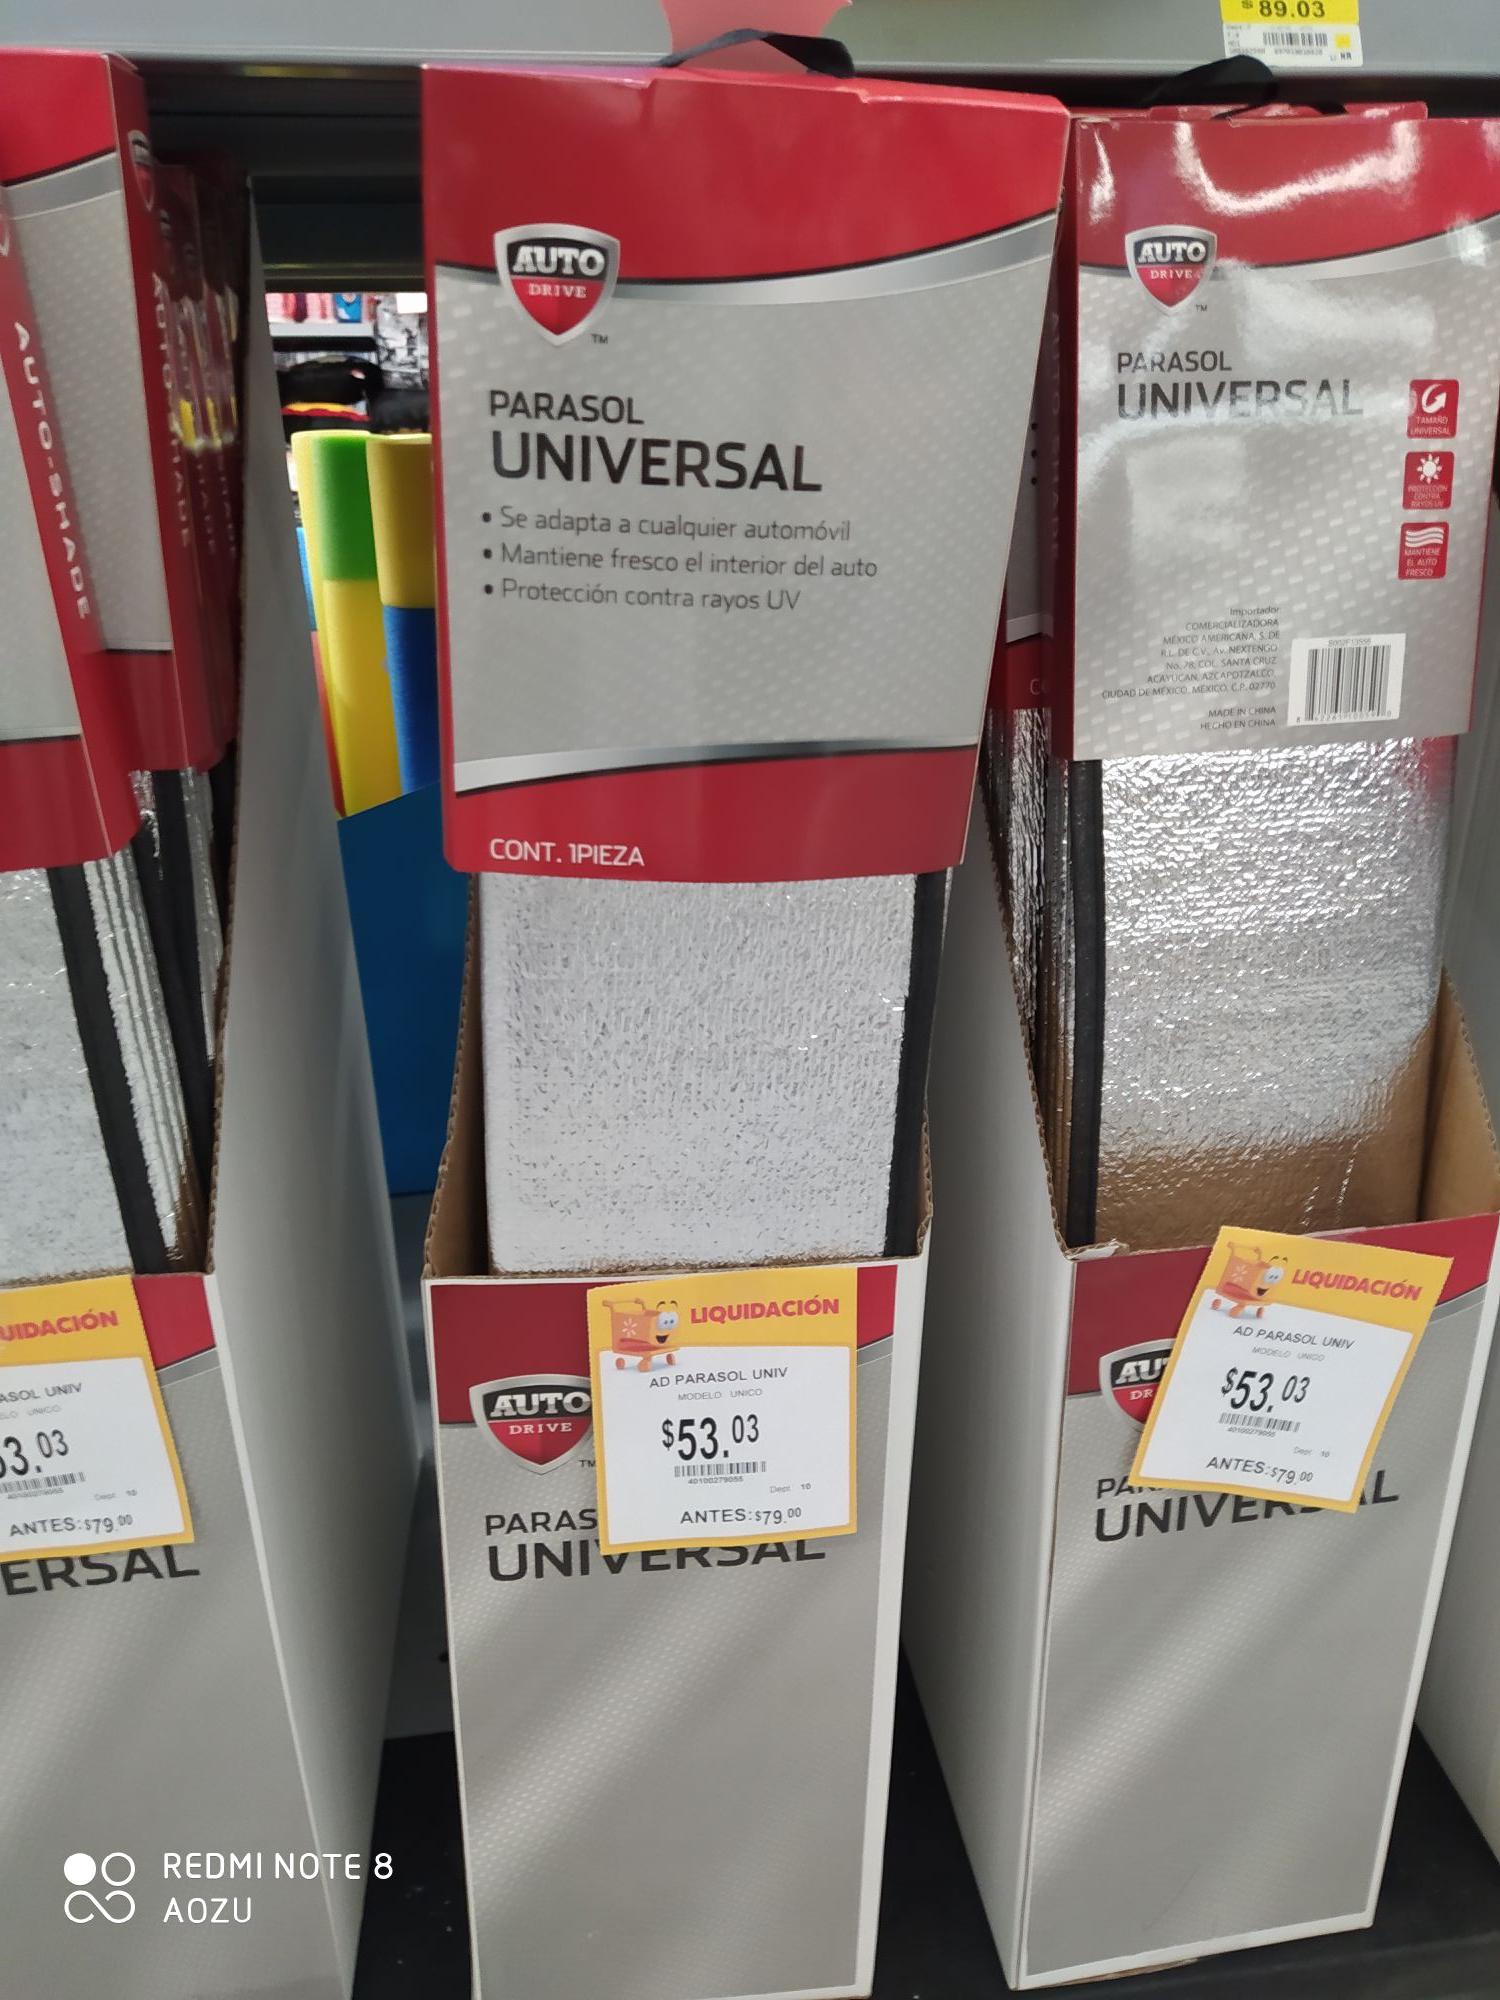 Walmart patio Tlalpan: Parasoles para auto